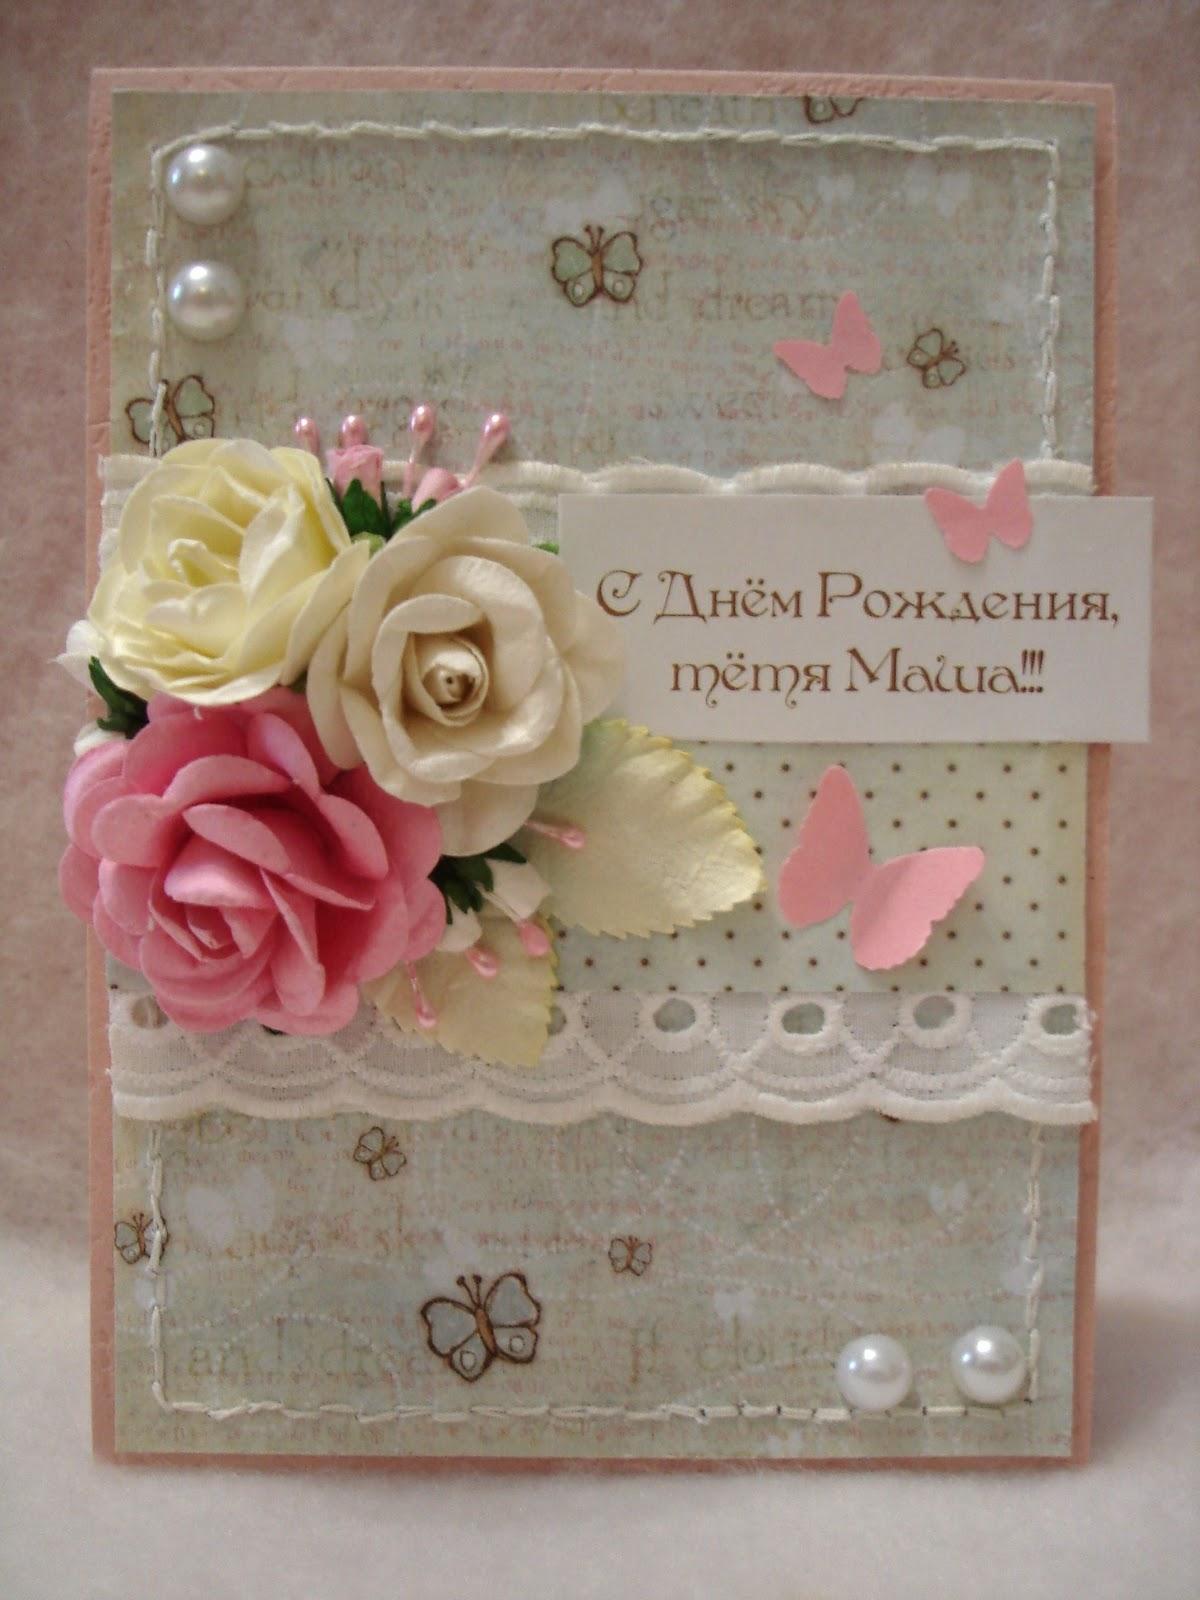 Подарок своими руками на день рождения из бумаги 28